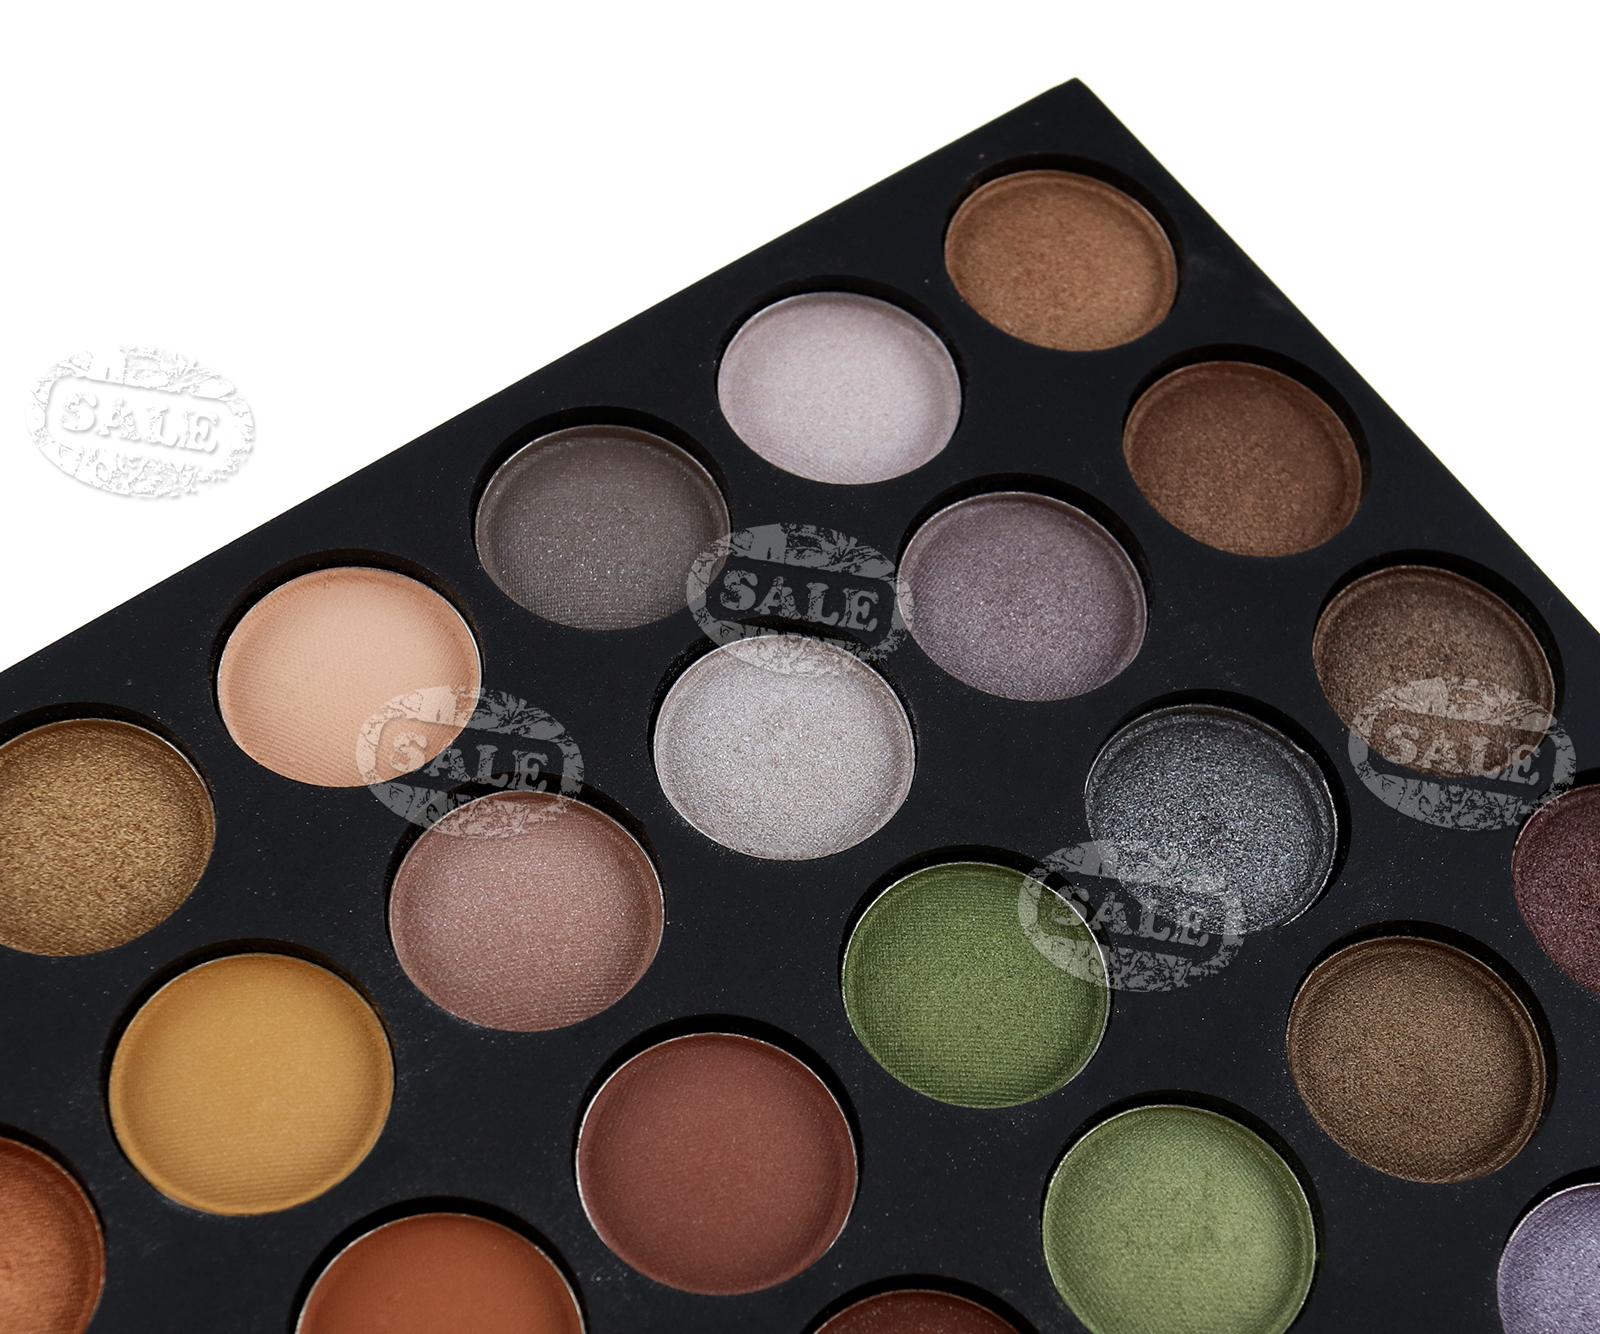 Neautral Colors: 120 Warm Neutral Colors Makeup Eyeshadow Palette L191